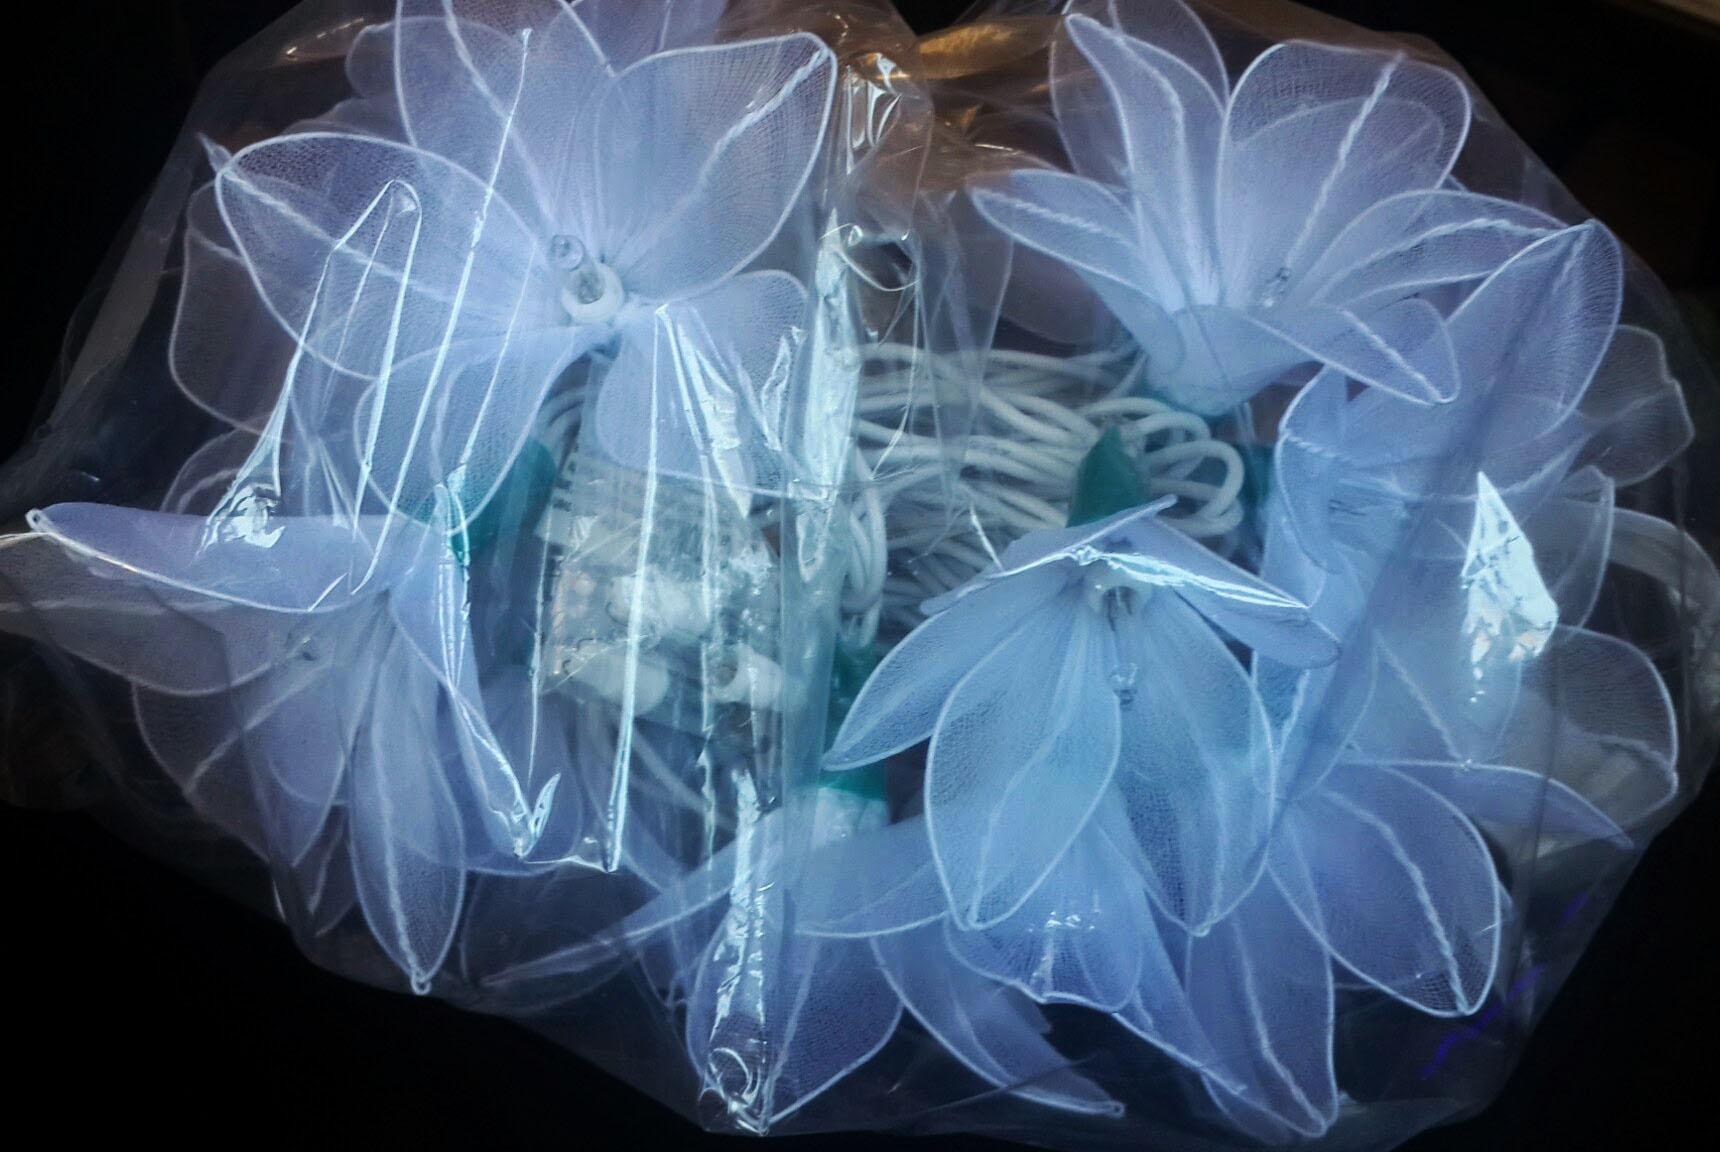 Nylon flower string lights-20